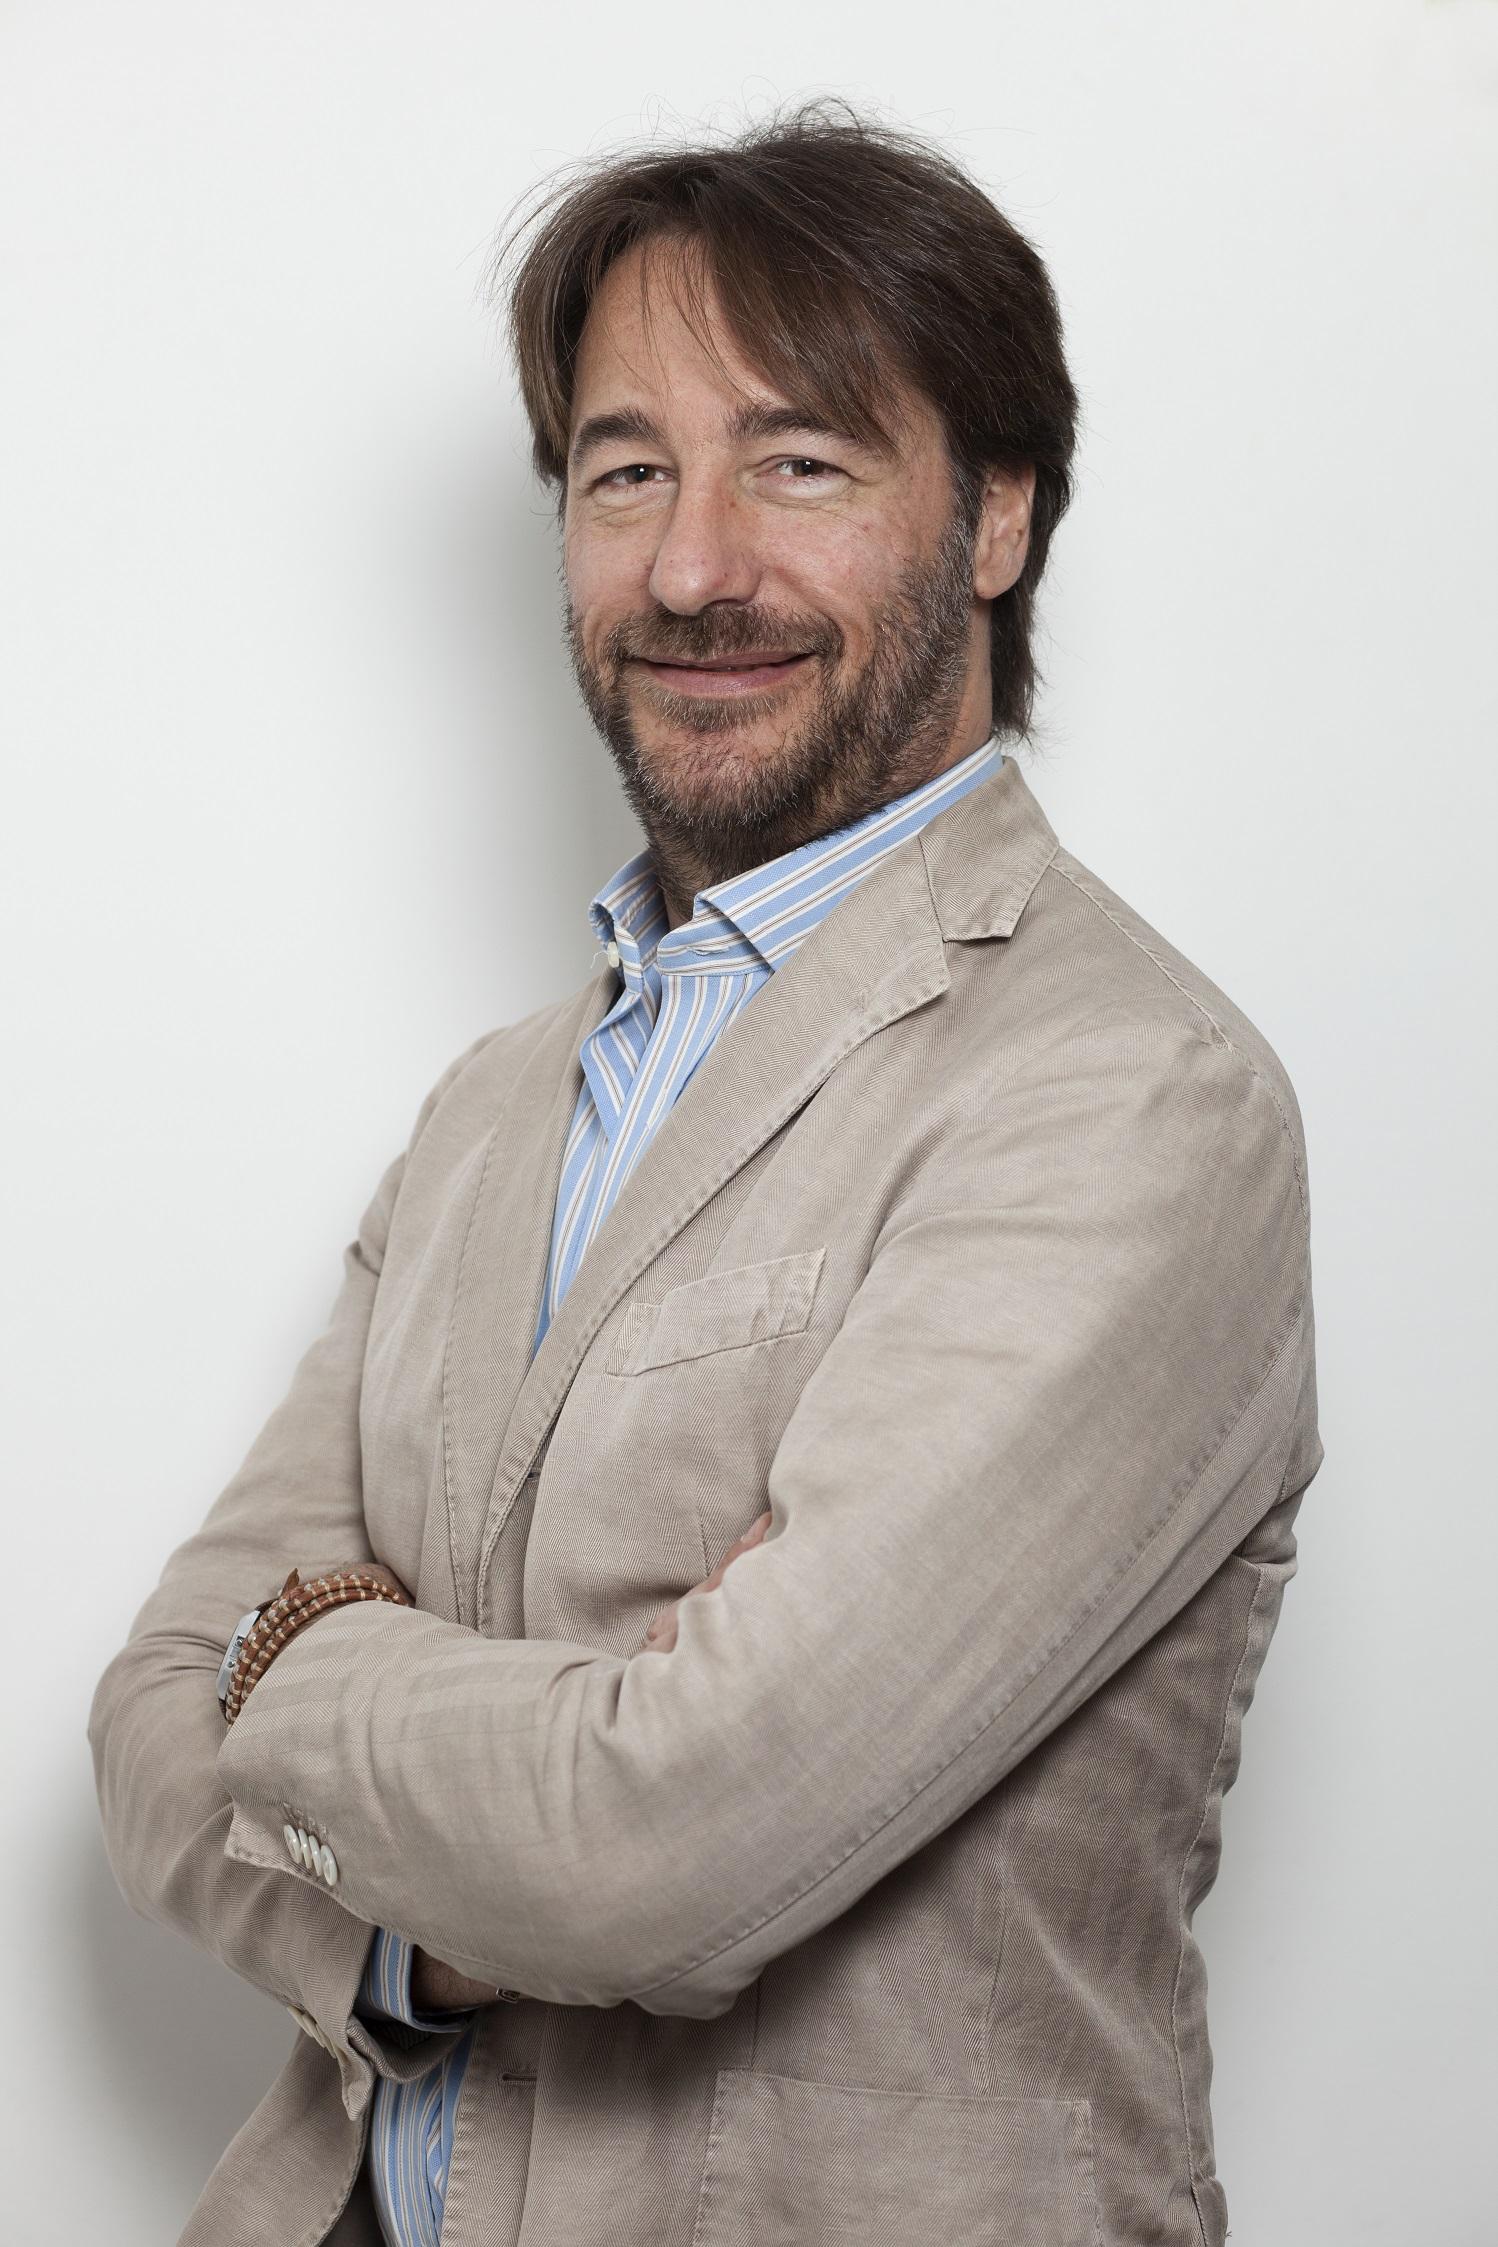 Christian Simoni